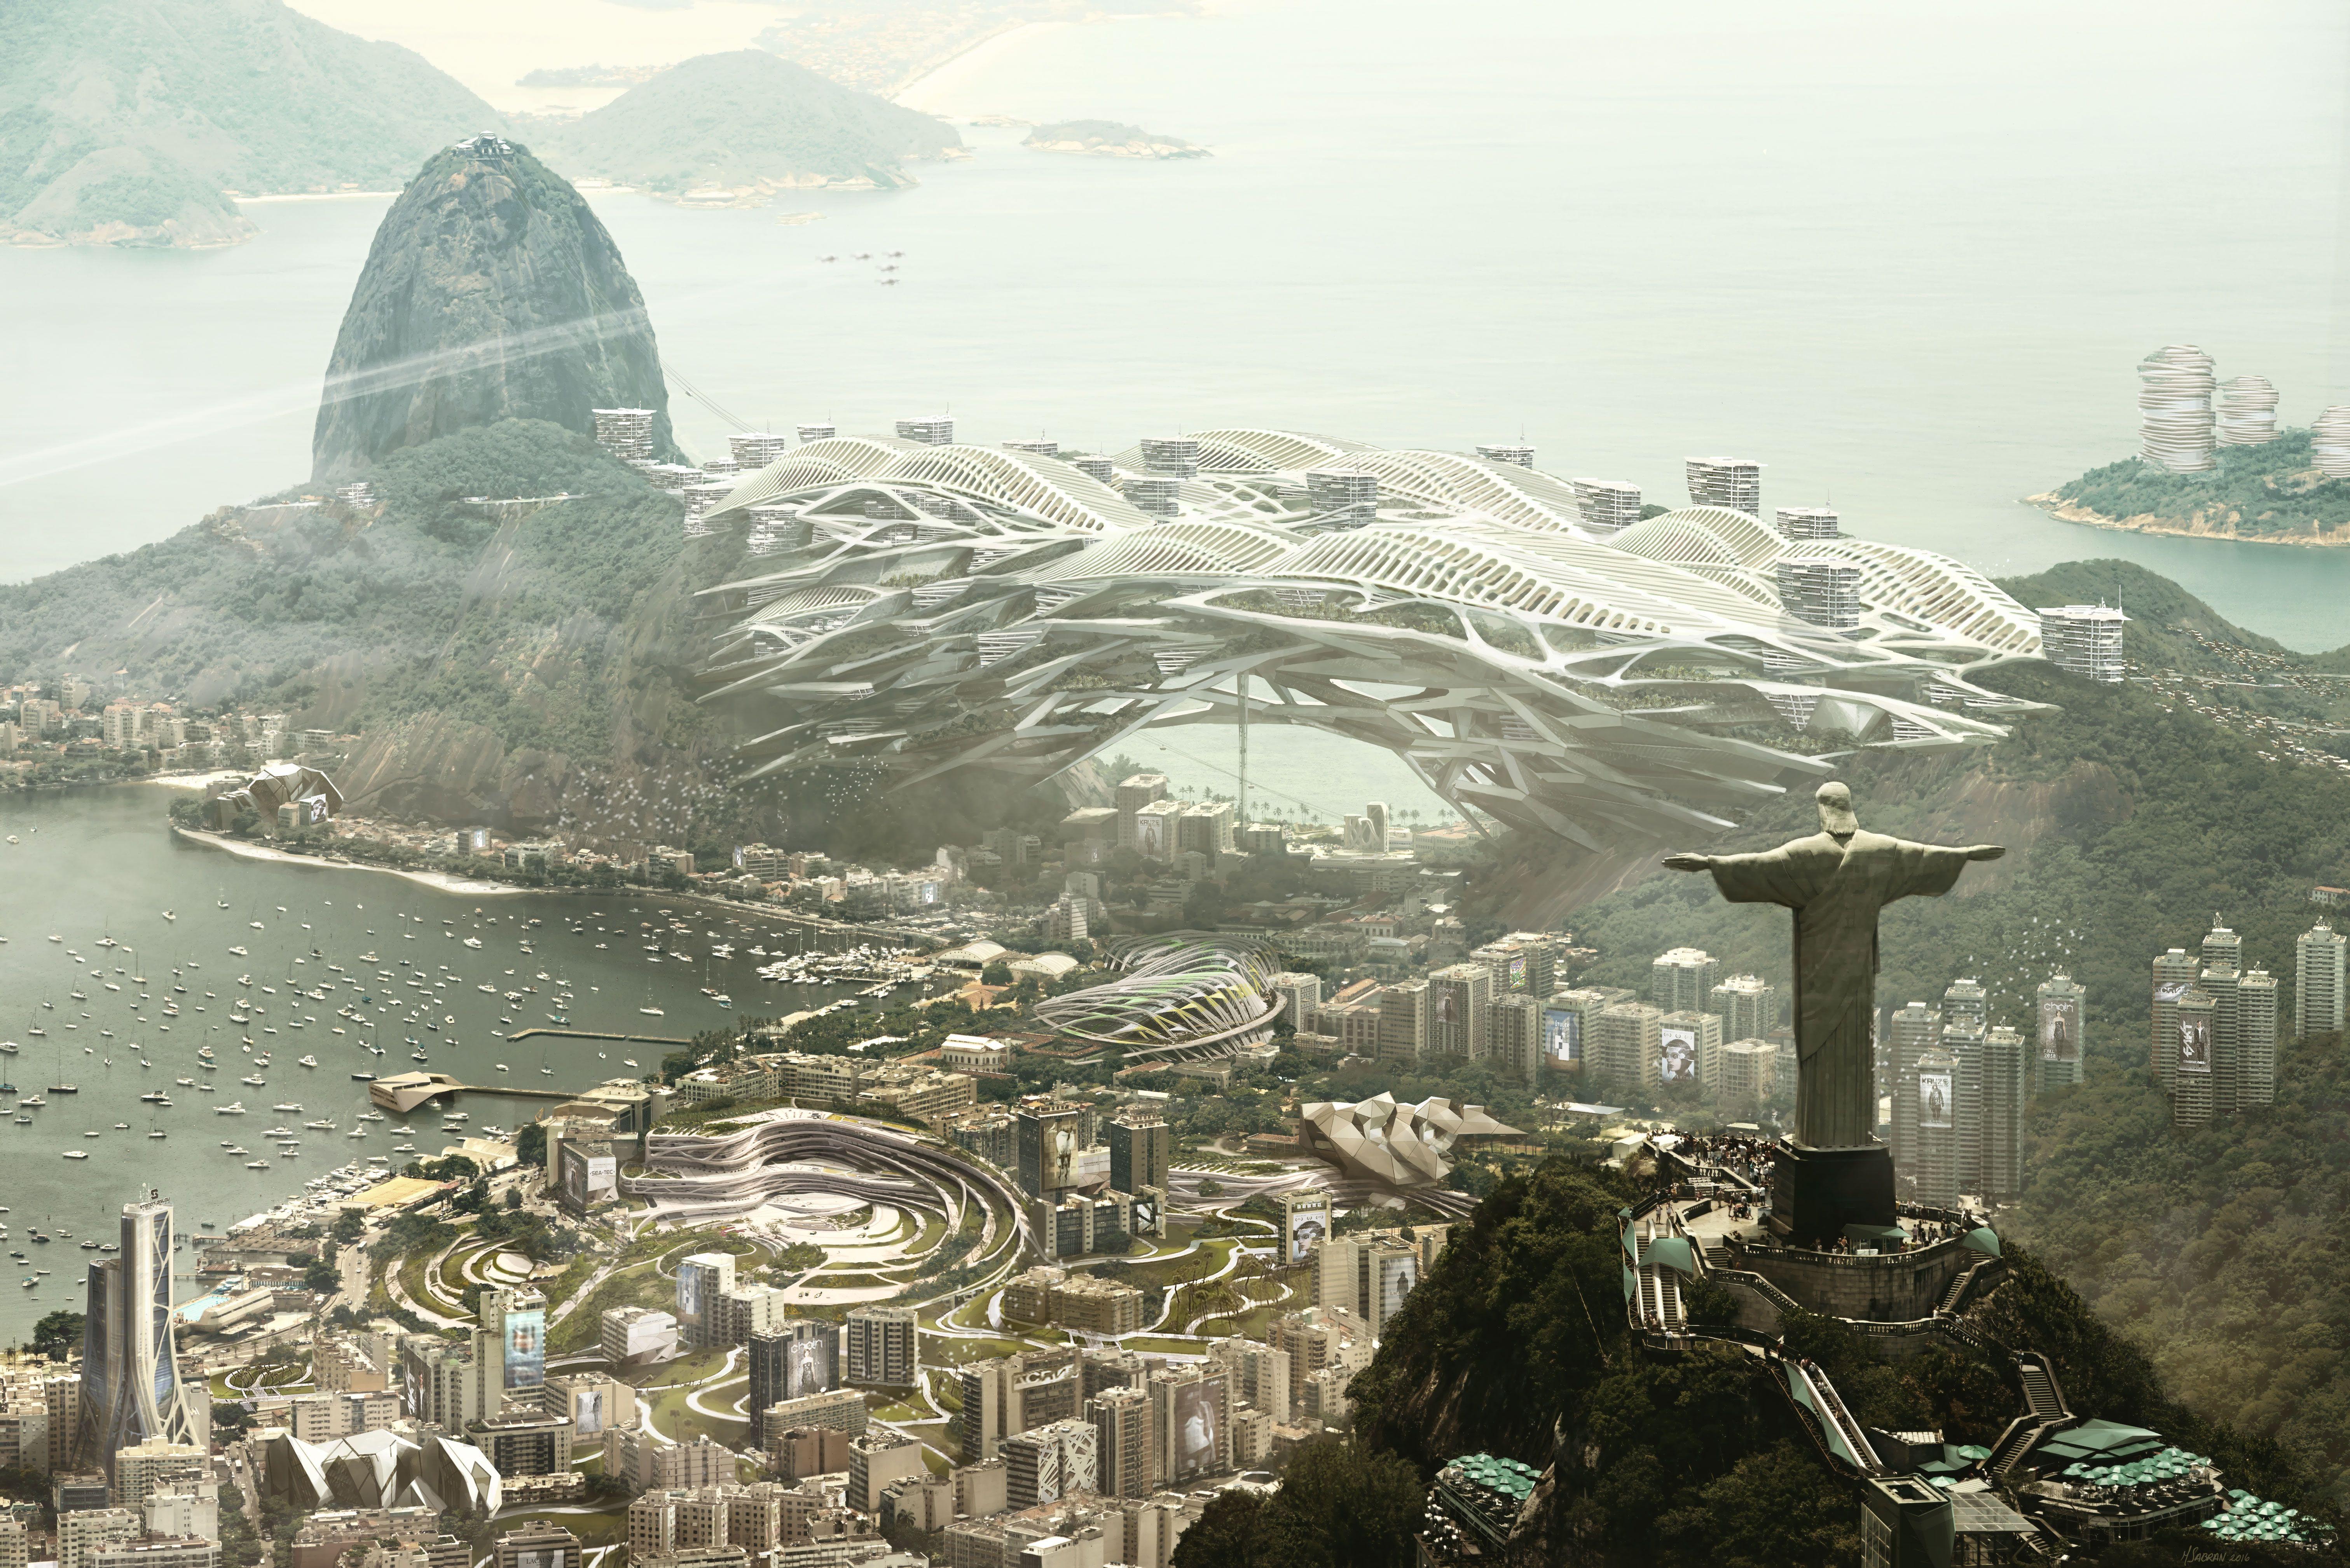 Почему арт Москвы из Deus Ex: Mankind Divided вызвал возмущение   Новости   Канобу